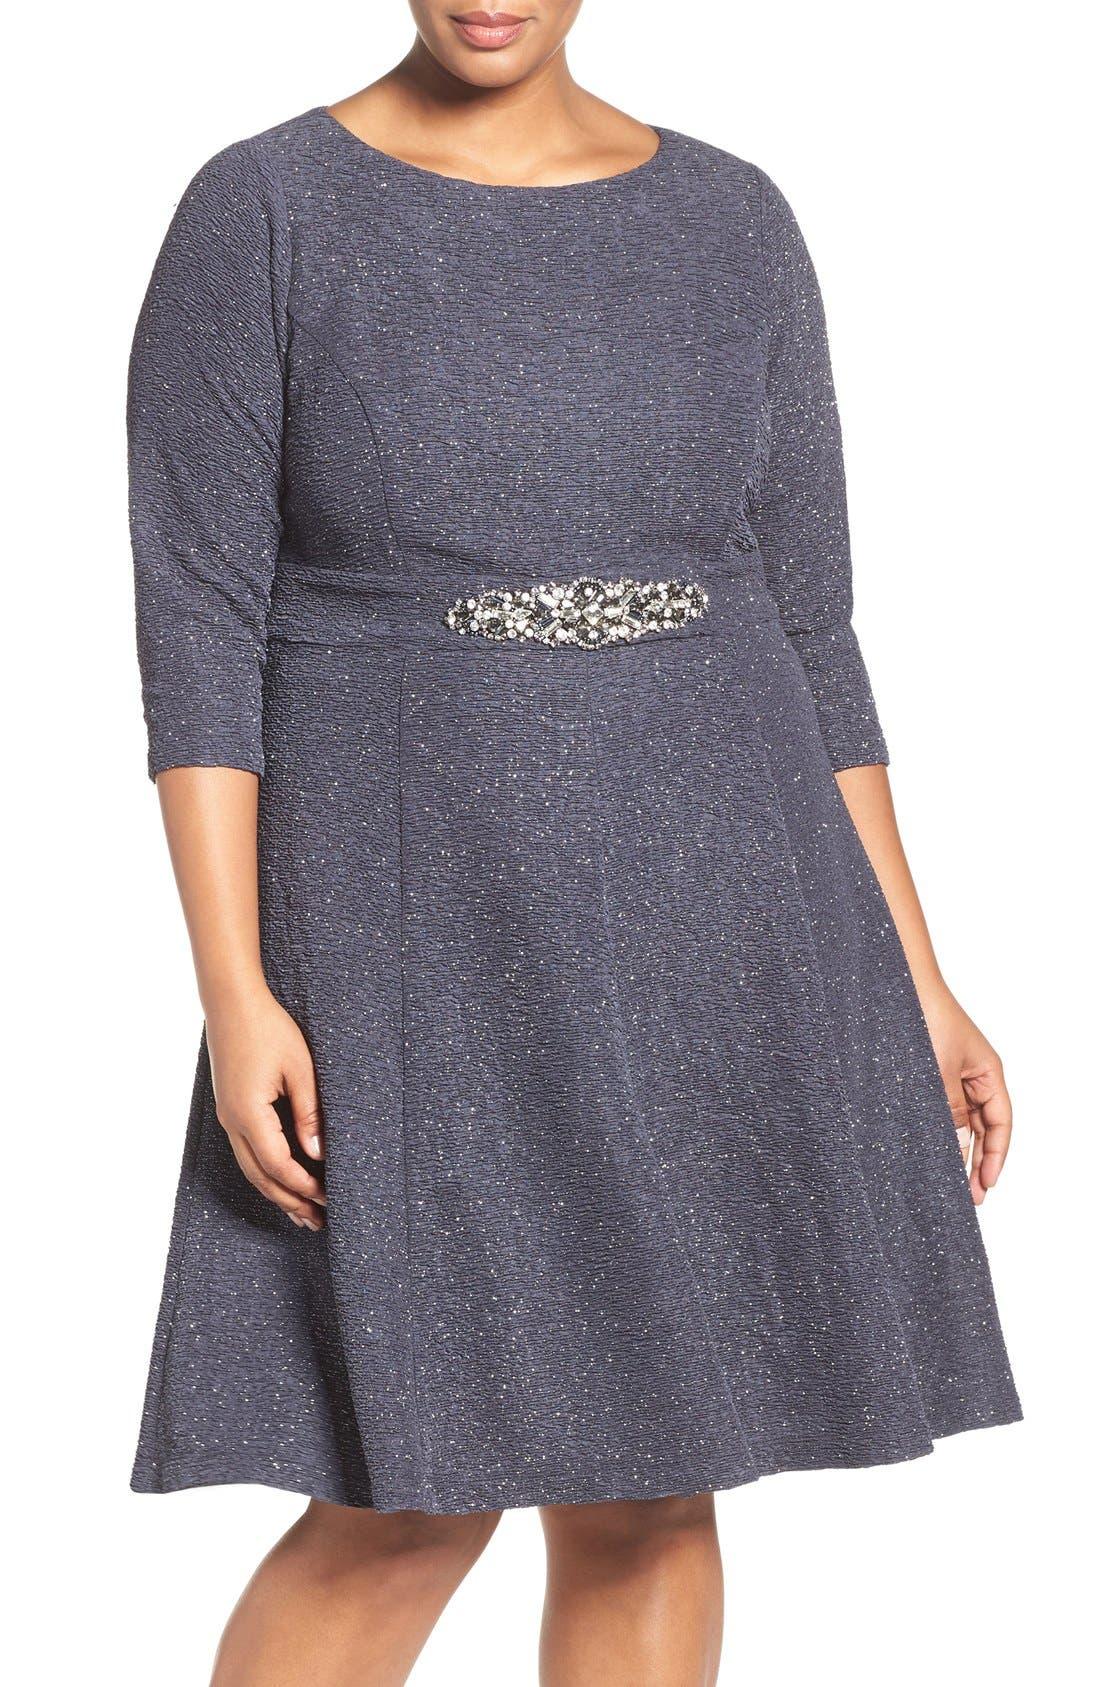 Alternate Image 1 Selected - Eliza J Embellished Fit & Flare Dress